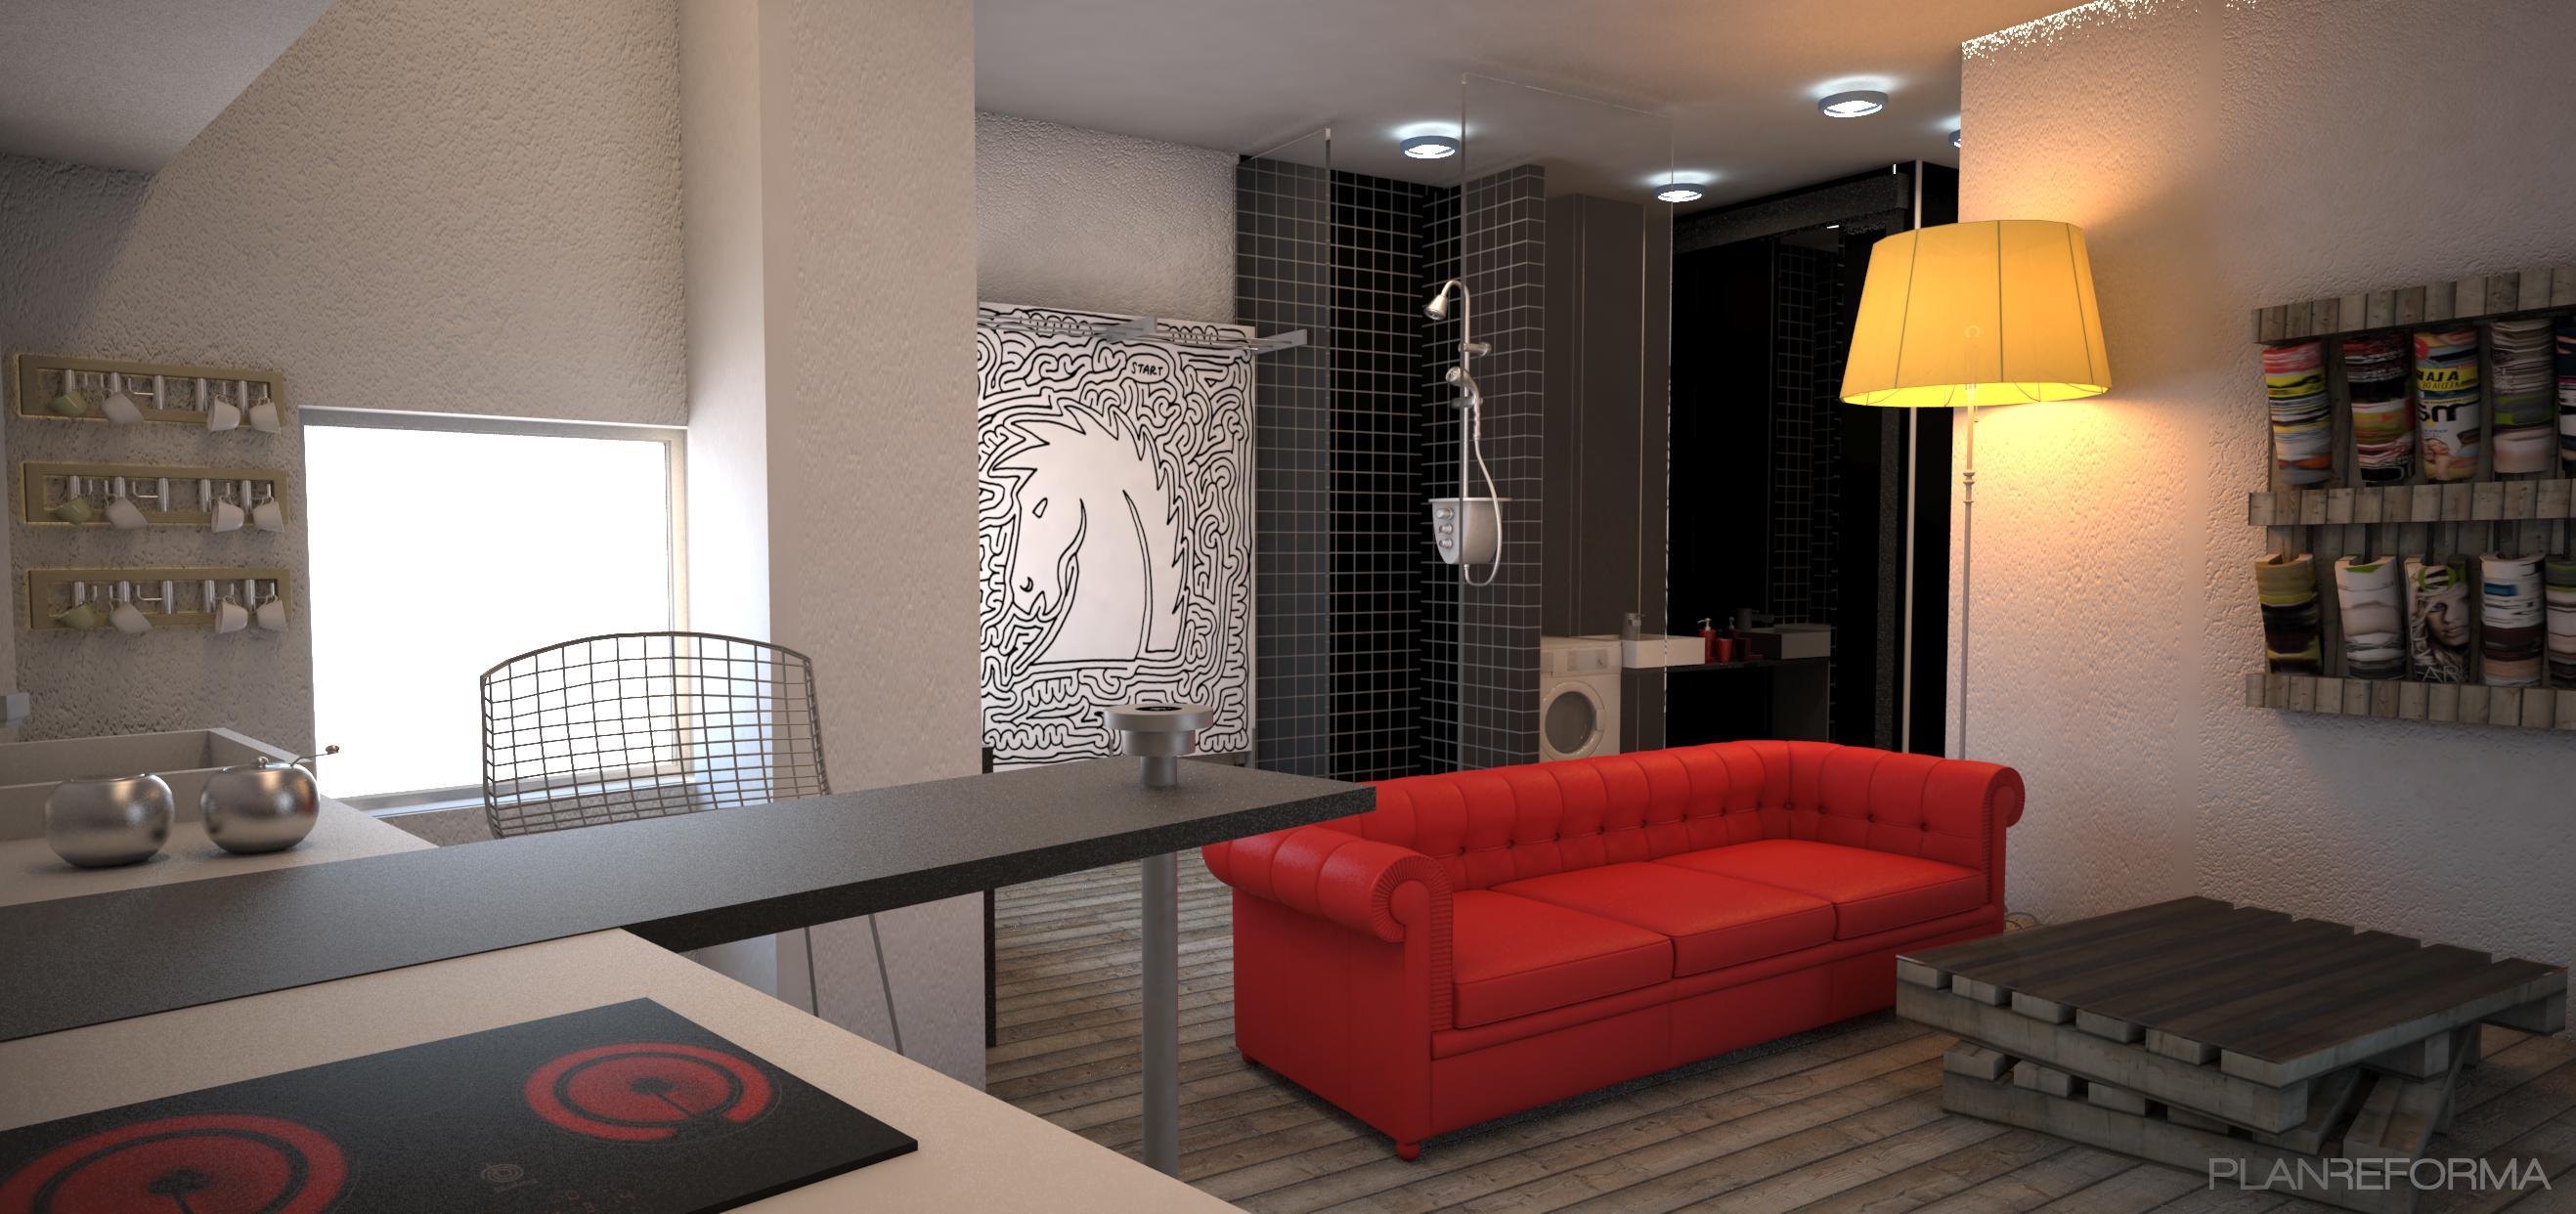 Comedor cocina salon style moderno color rojo negro - Cocina salon comedor ...